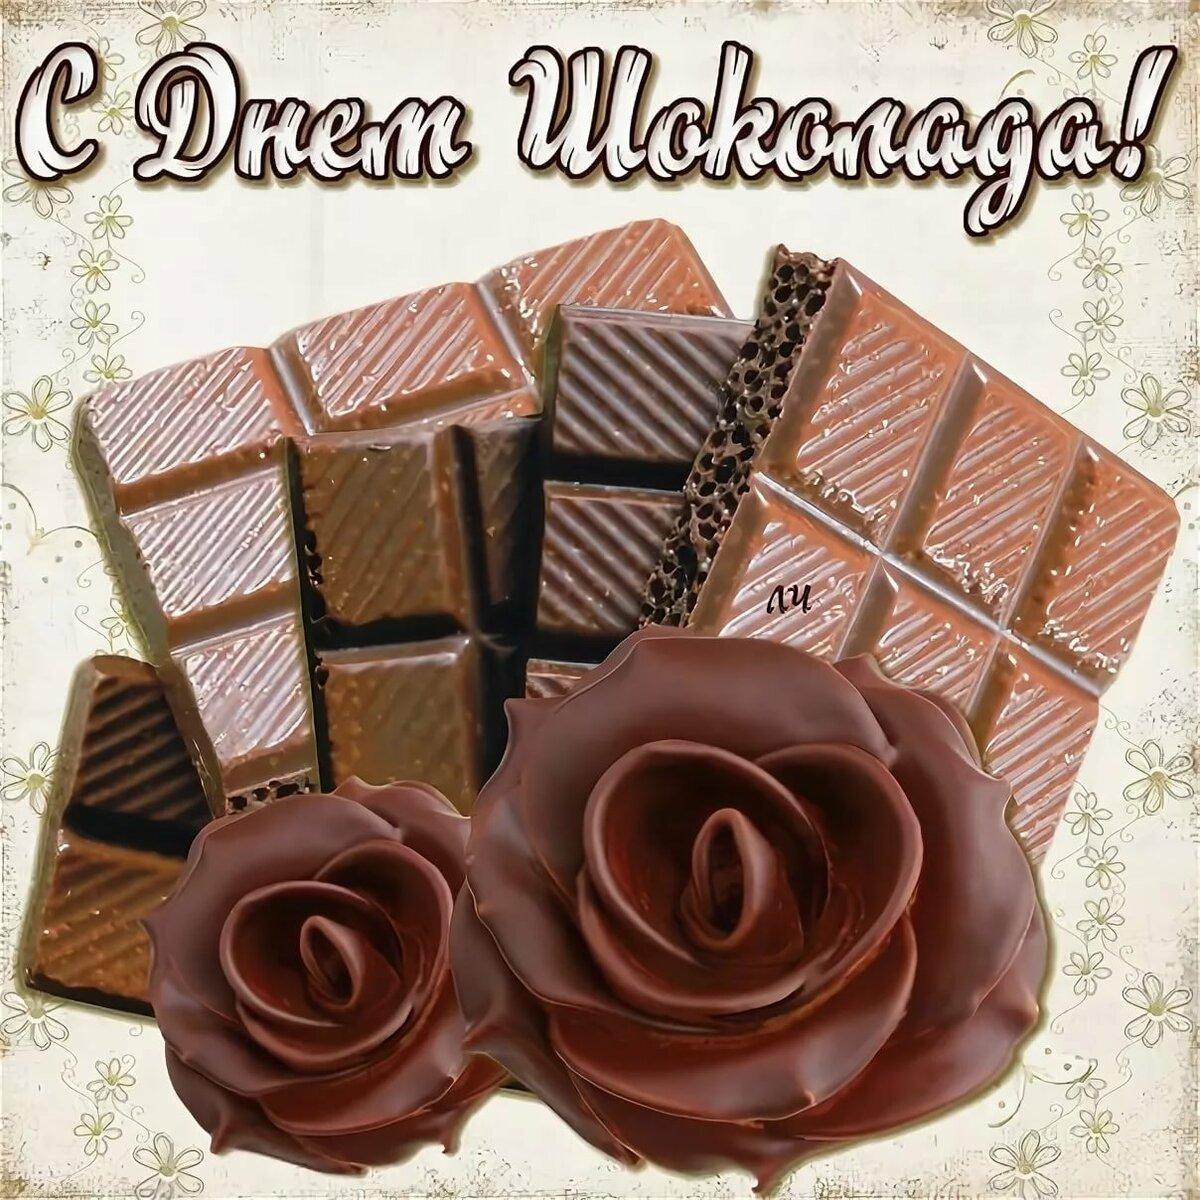 Открытки всемирный день шоколада с днем шоколада